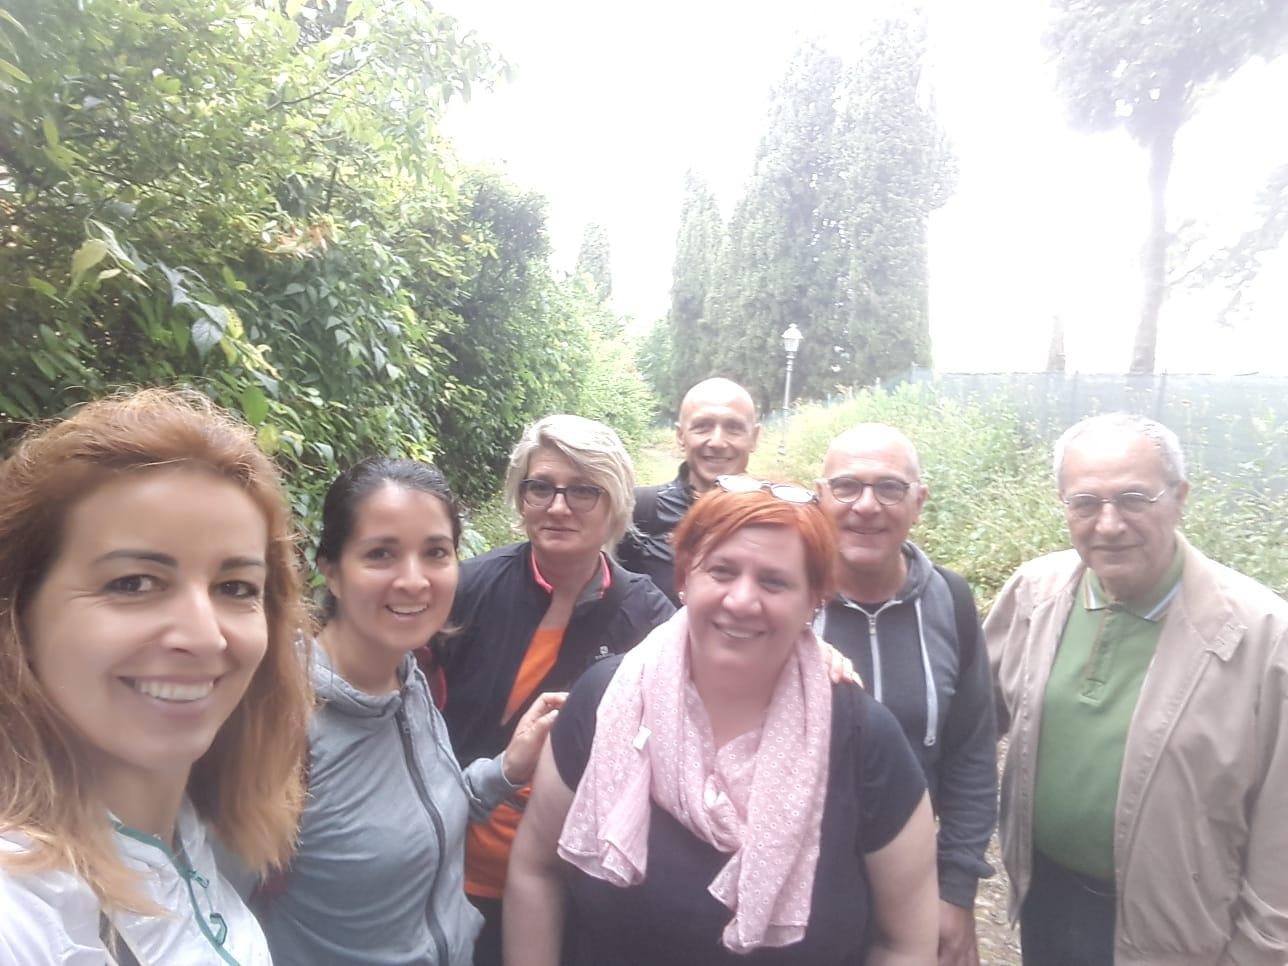 Camminata Pellegrinaggio al Santuario del Monte